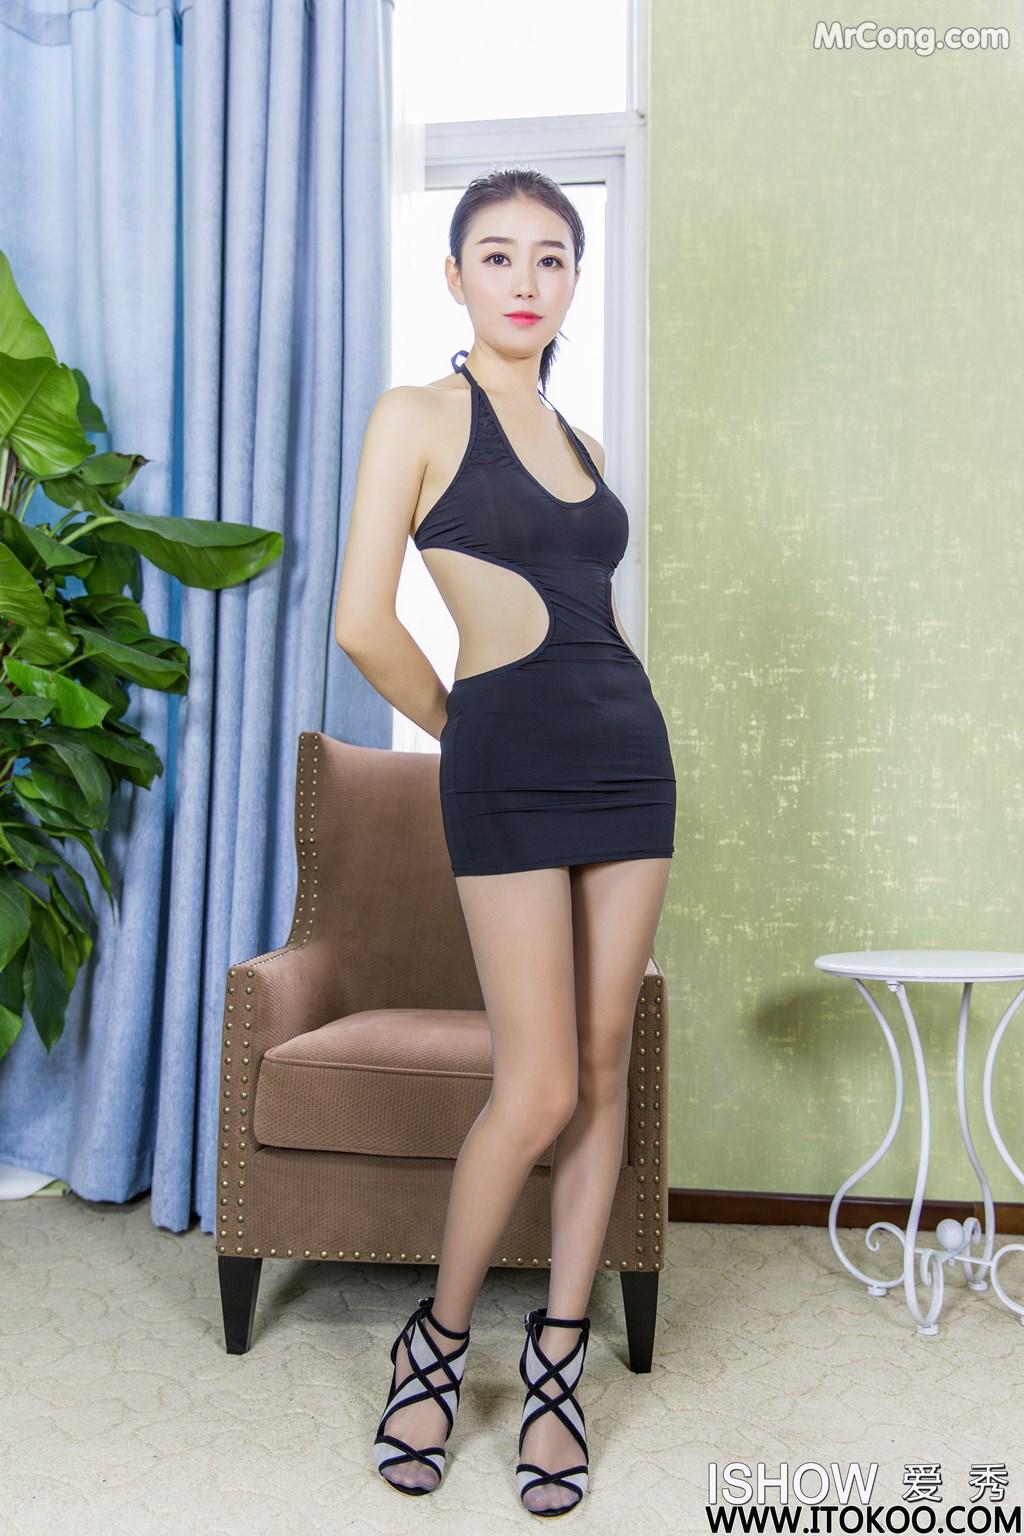 Image ISHOW-No.180-Xiao-Fan-MrCong.com-008 in post ISHOW No.180: Người mẫu Xiao Fan (小凡) (31 ảnh)